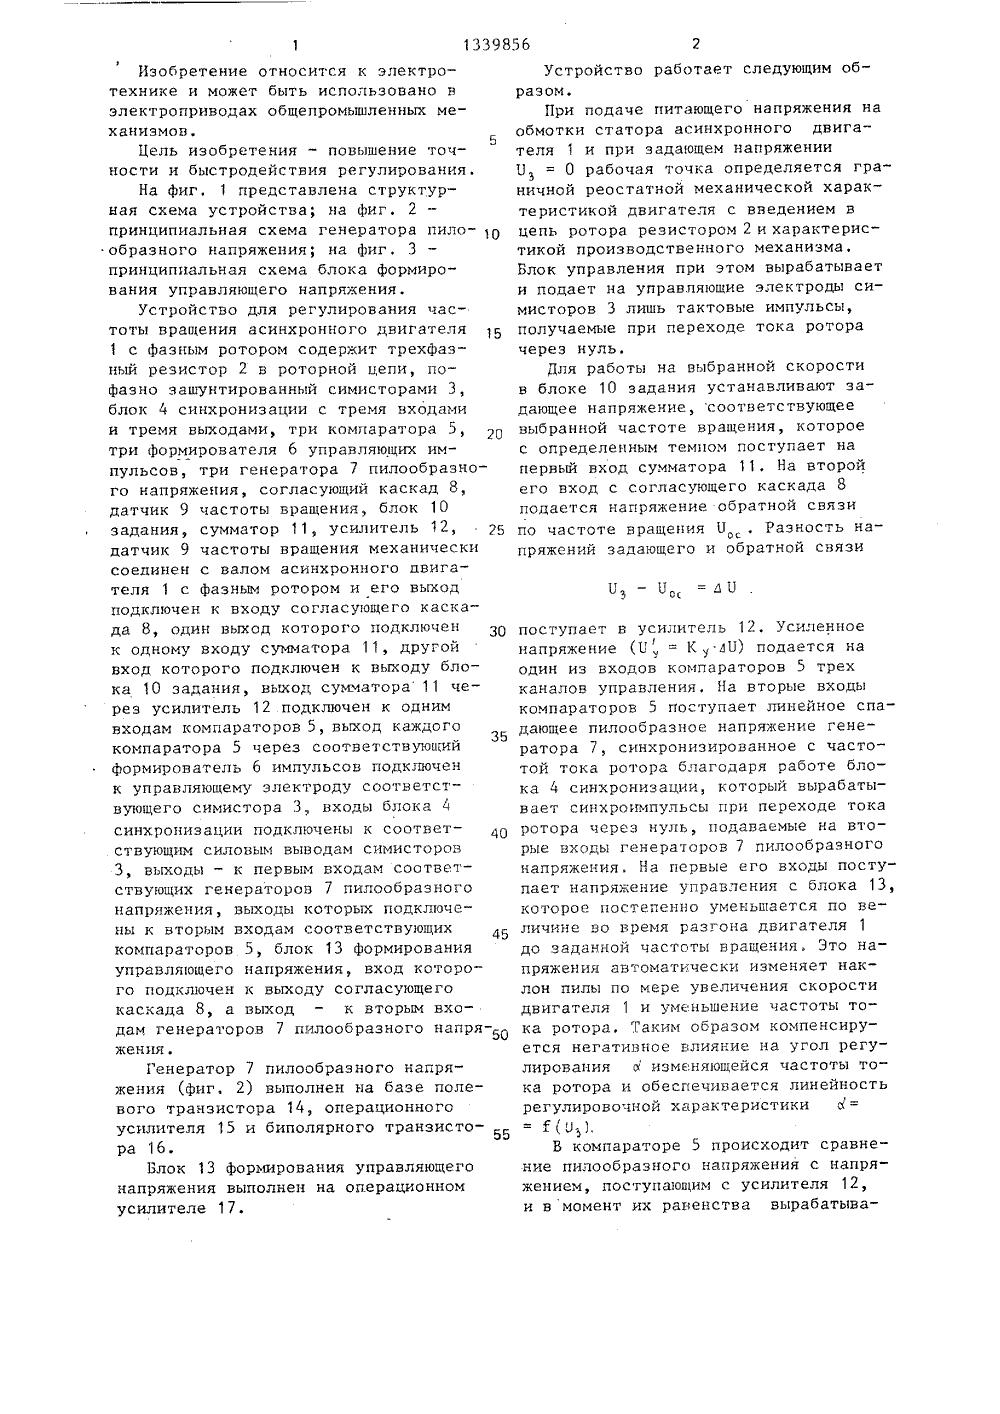 схема управления частотой вращения на симисторе